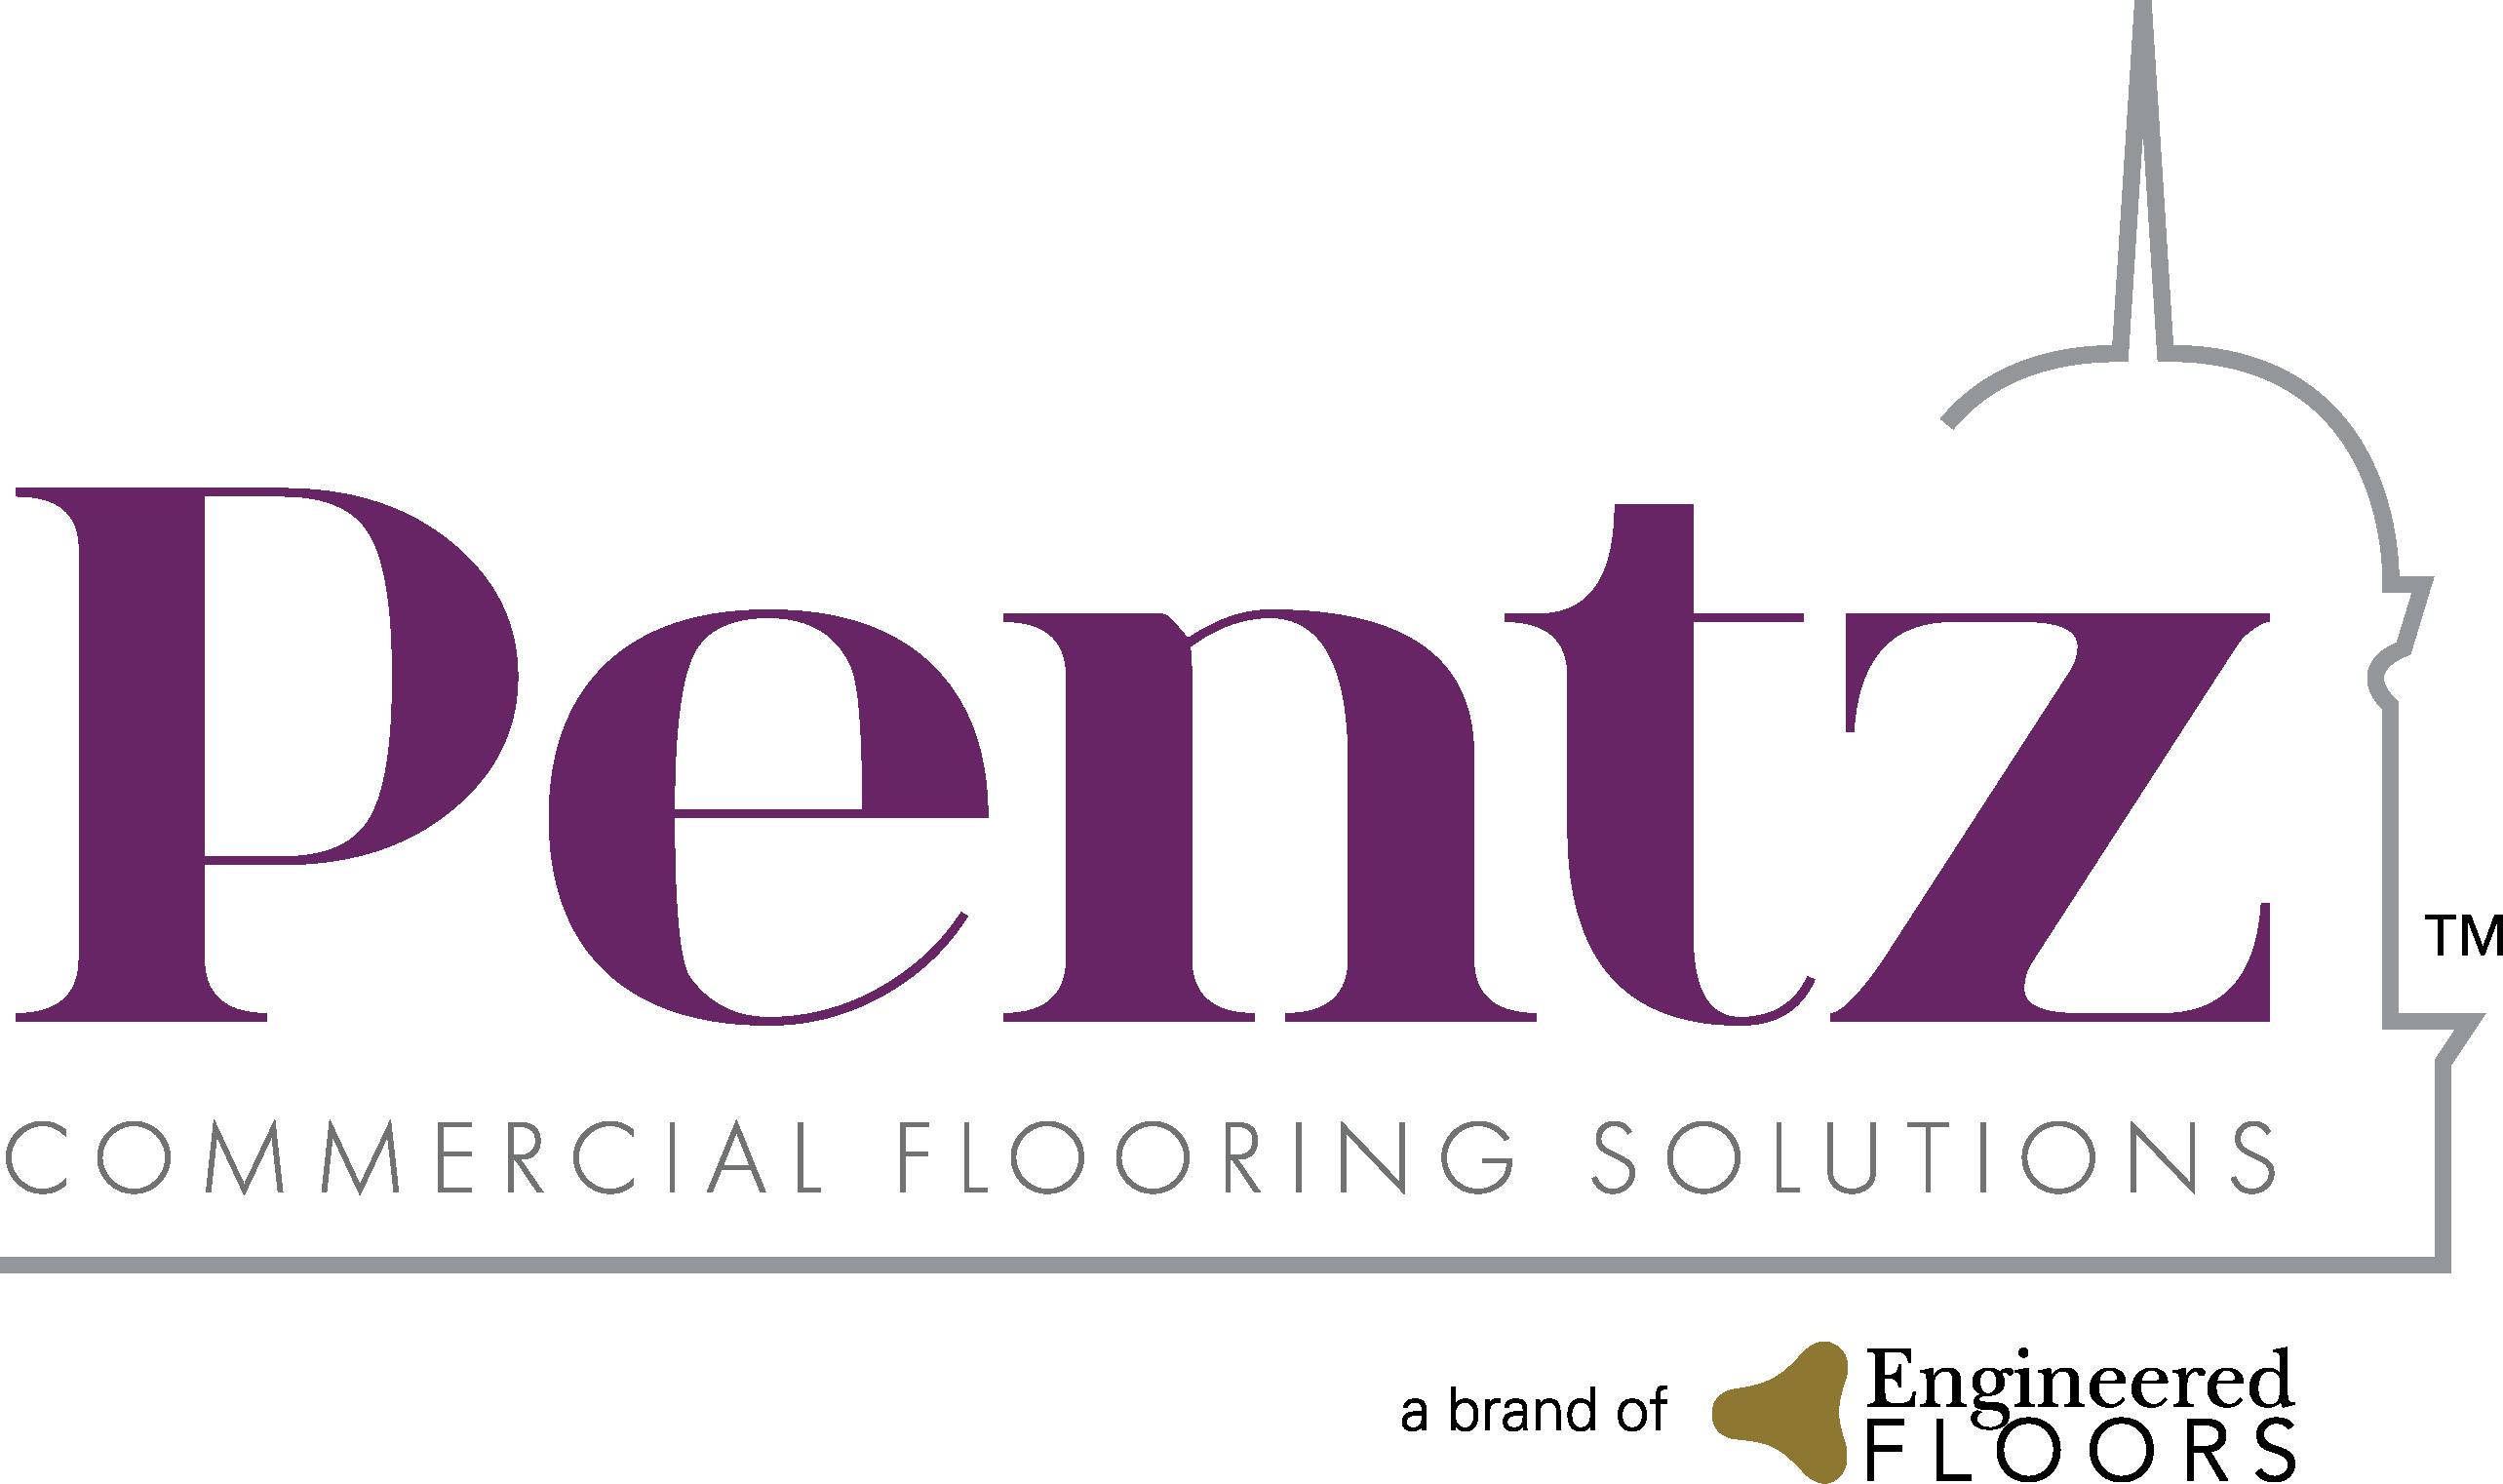 master-logo-pentz.png